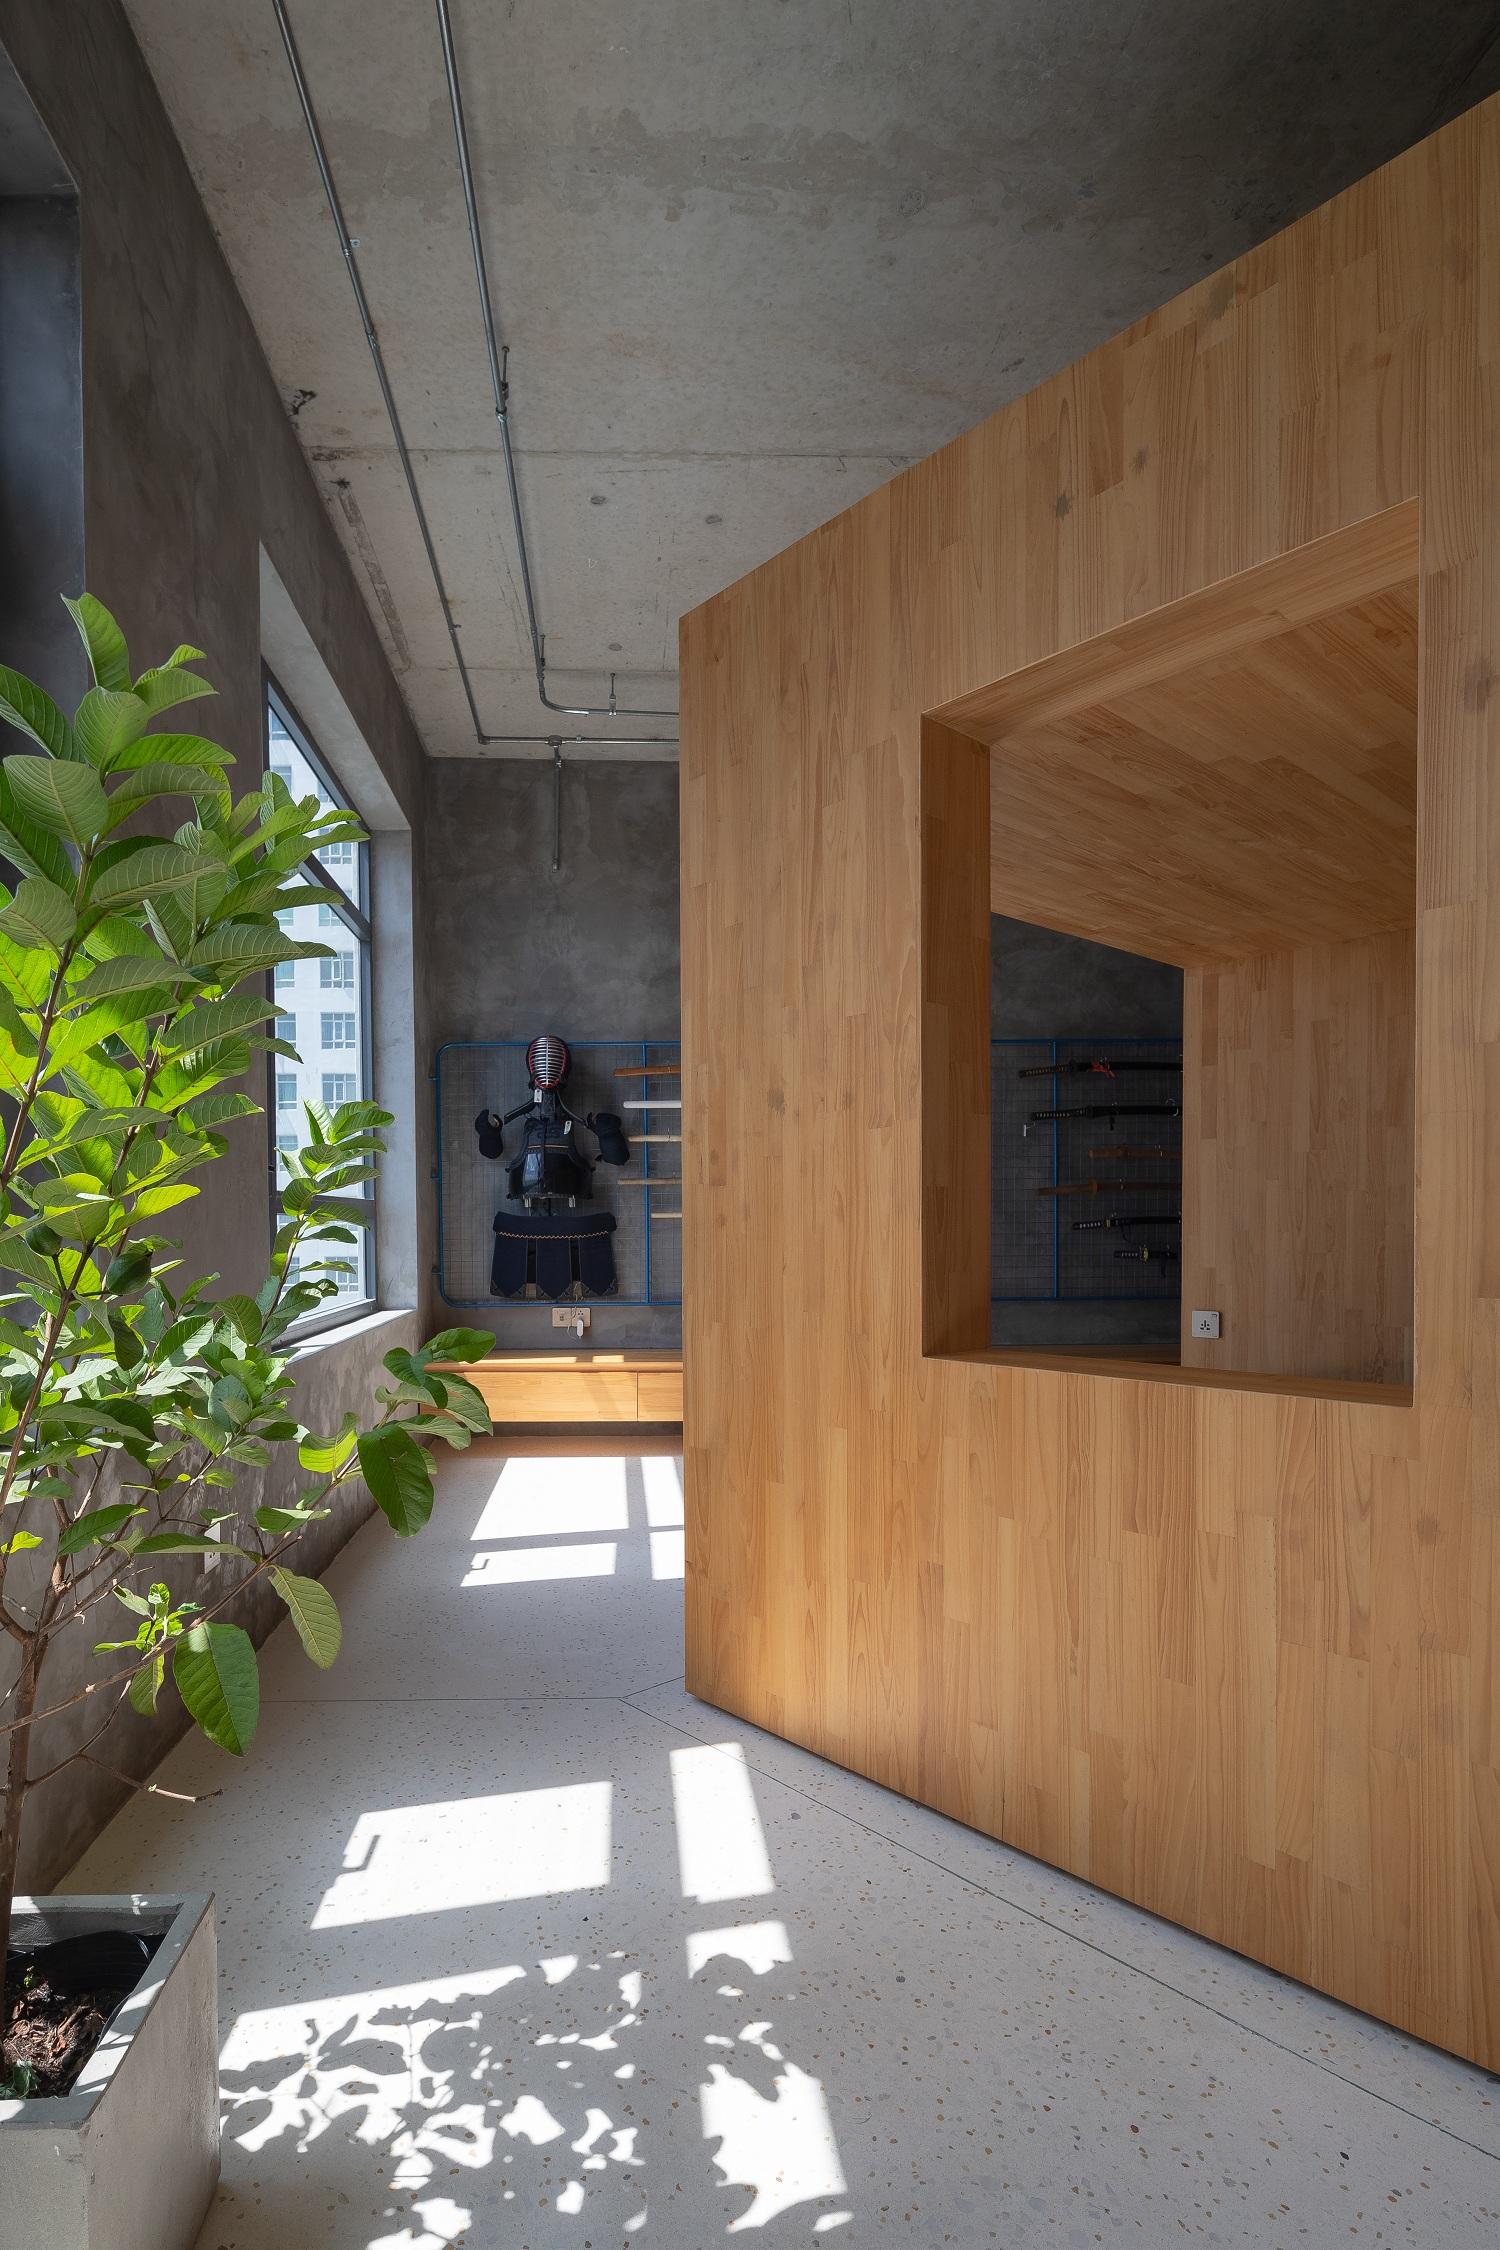 Chiếc hộp xoay một góc 45 độ để tạo ra những góc mở rộng. Mọi vị trí xung quanh nó đều có thể dùng làm chỗ thư giãn, vui chơi.